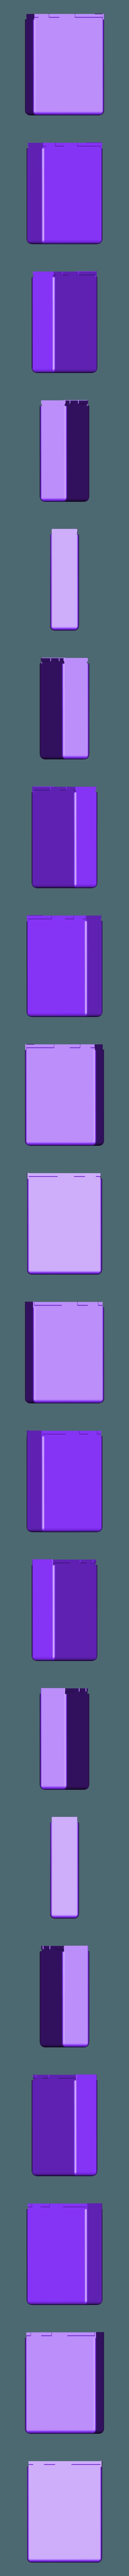 Cigarette package x15 - Down.STL Télécharger fichier STL gratuit Aboa - Solution pour fumer moins et arrêter le tabac • Plan imprimable en 3D, jeromeelie